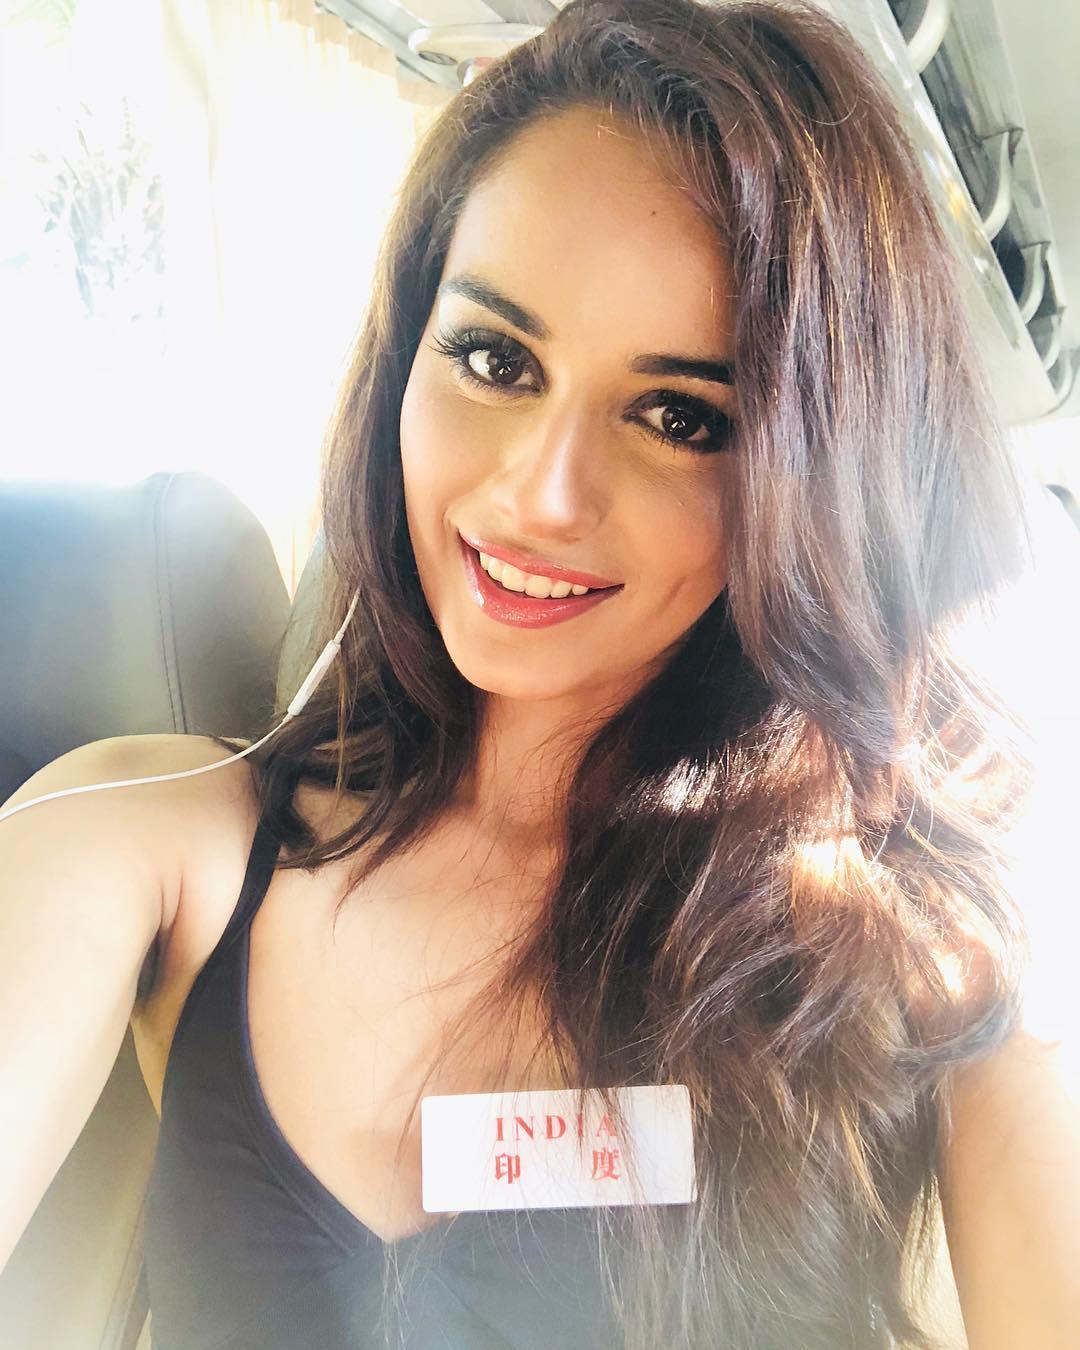 Nhan sắc ngắm là mê của người đẹp Ấn Độ vừa đăng quang Hoa hậu Thế giới 2017-12